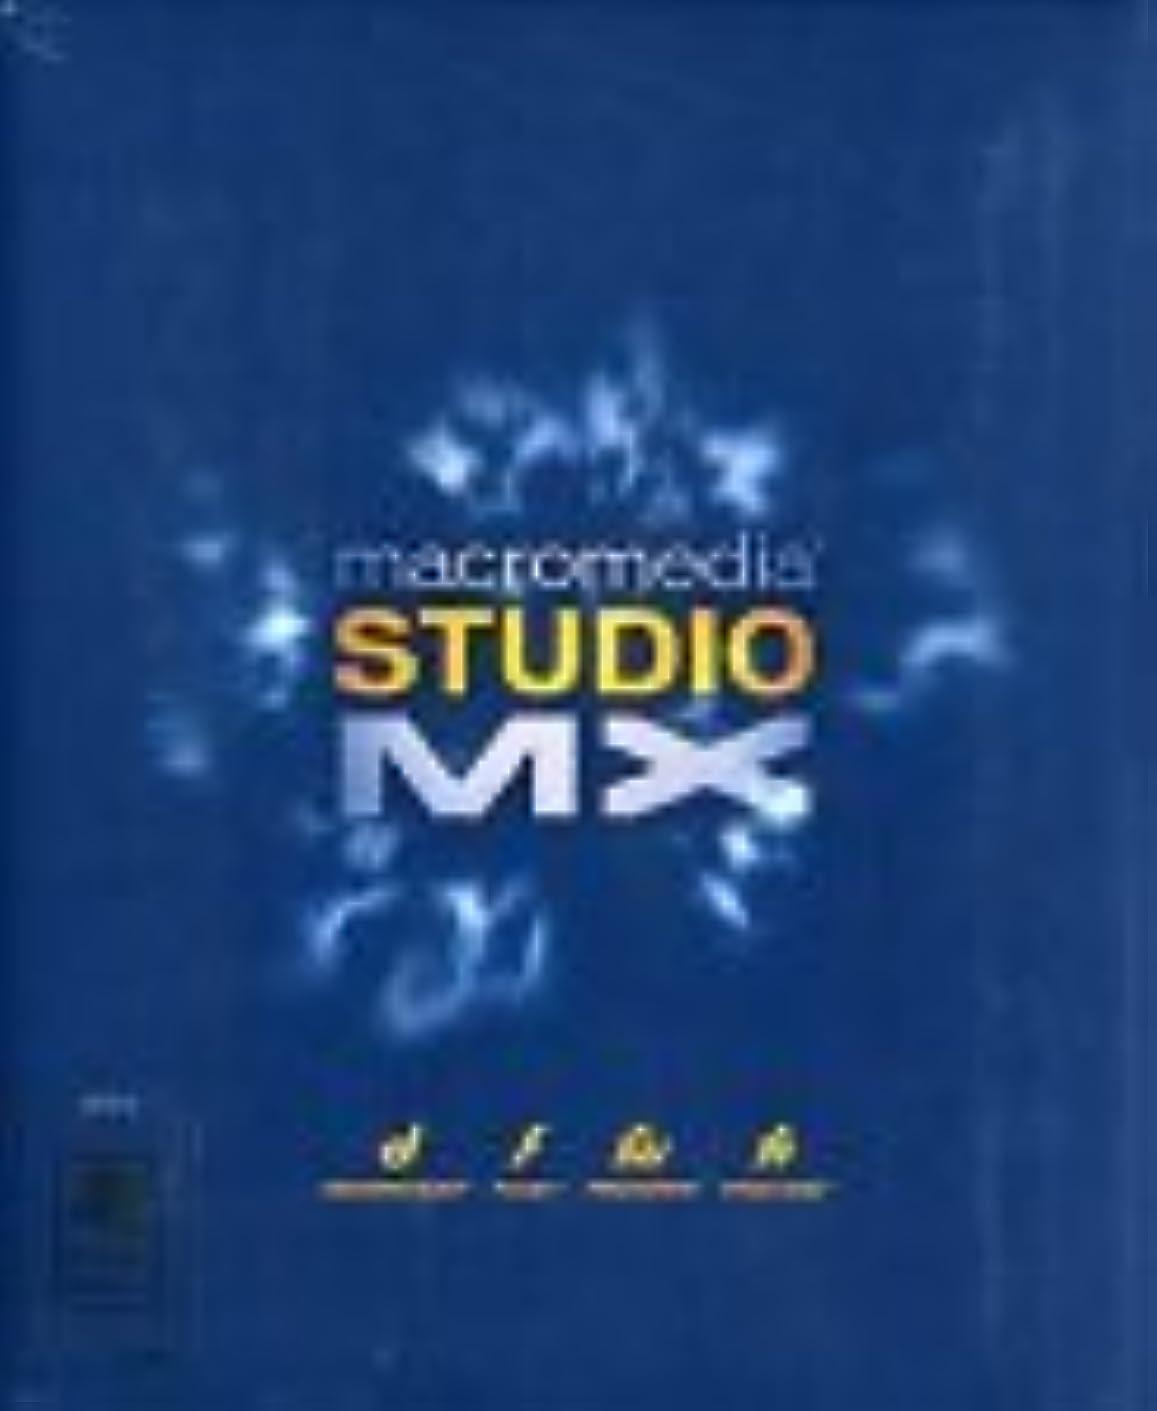 フィードバック子供っぽいきょうだいMacromedia Studio MX 日本語版 Windows版 書籍バンドルキャンペーン